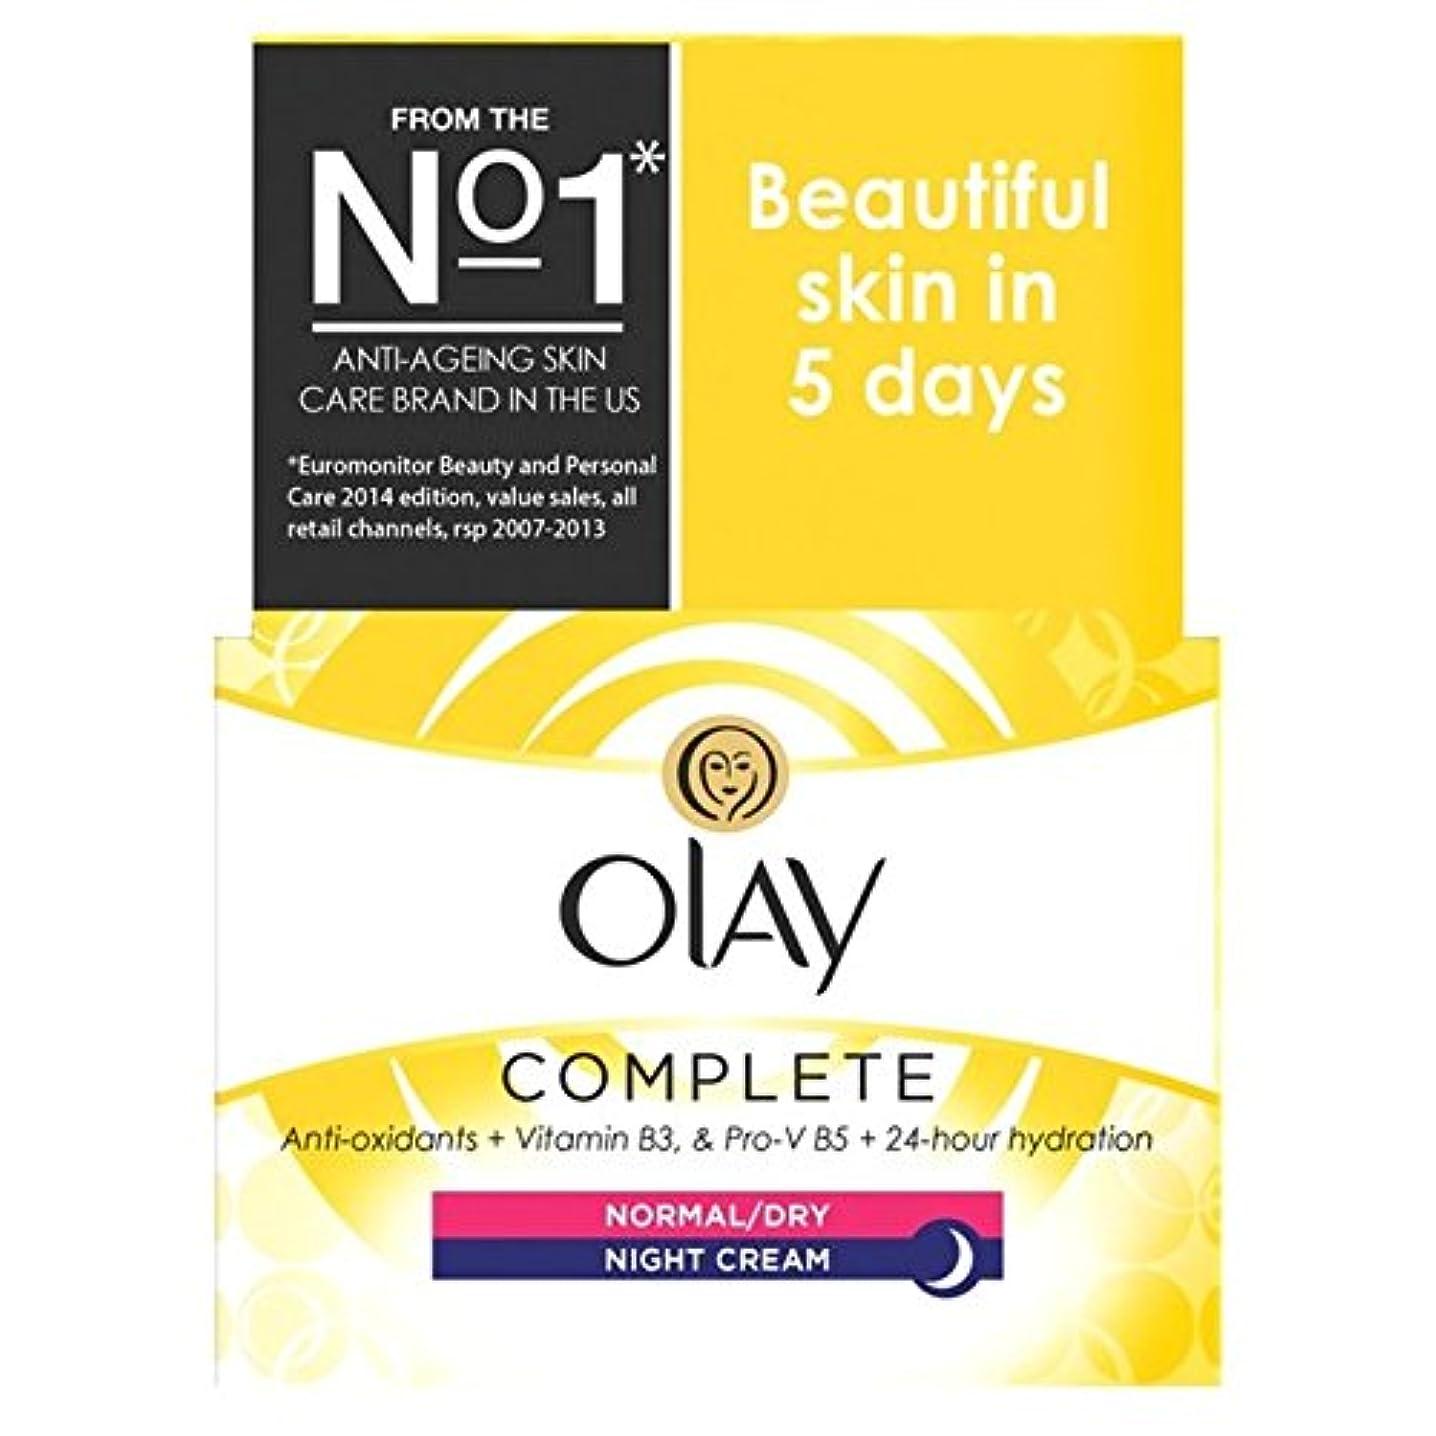 怠感宣教師虐待オーレイ必需品の完全なケア保湿ナイトクリーム50ミリリットル x2 - Olay Essentials Complete Care Moisturiser Night Cream 50ml (Pack of 2) [並行輸入品]